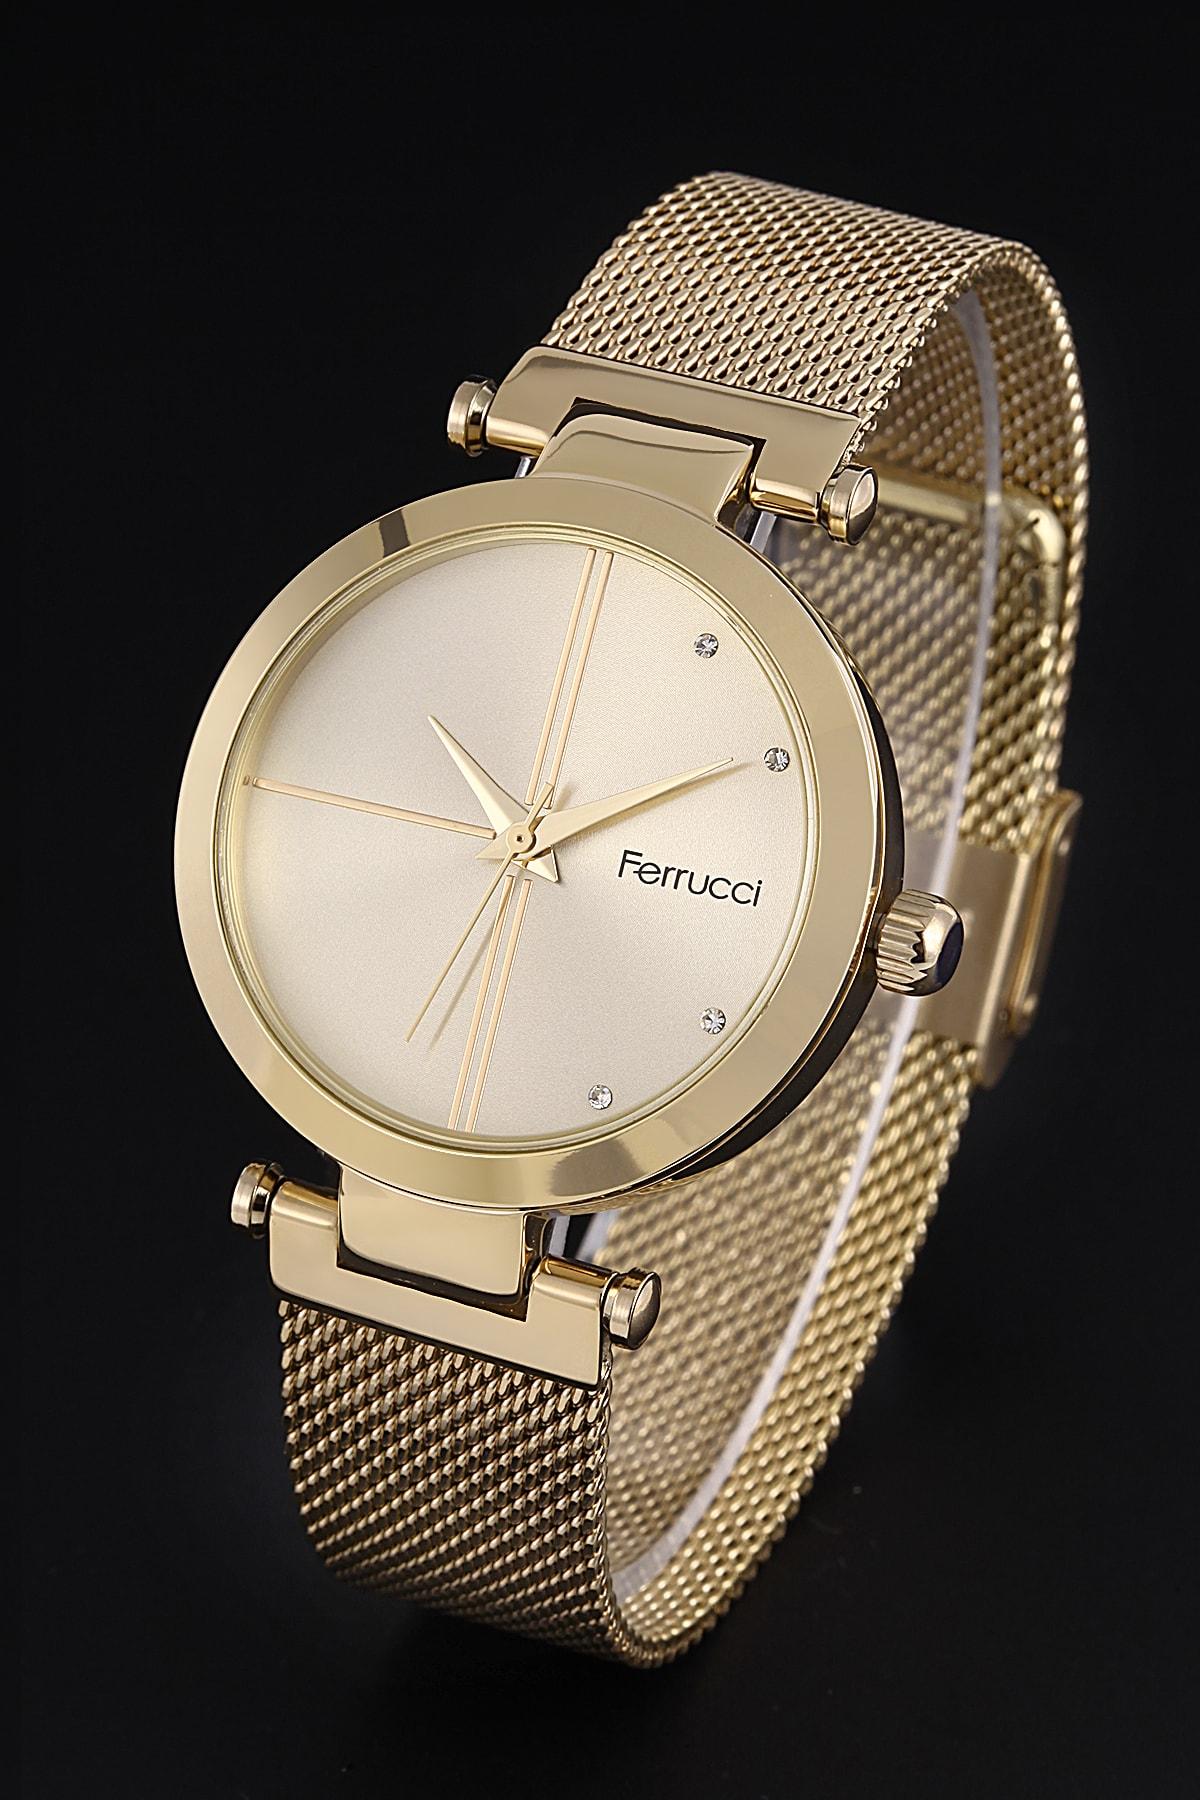 Ferrucci Kadın Kol Saati 11684h.04 1